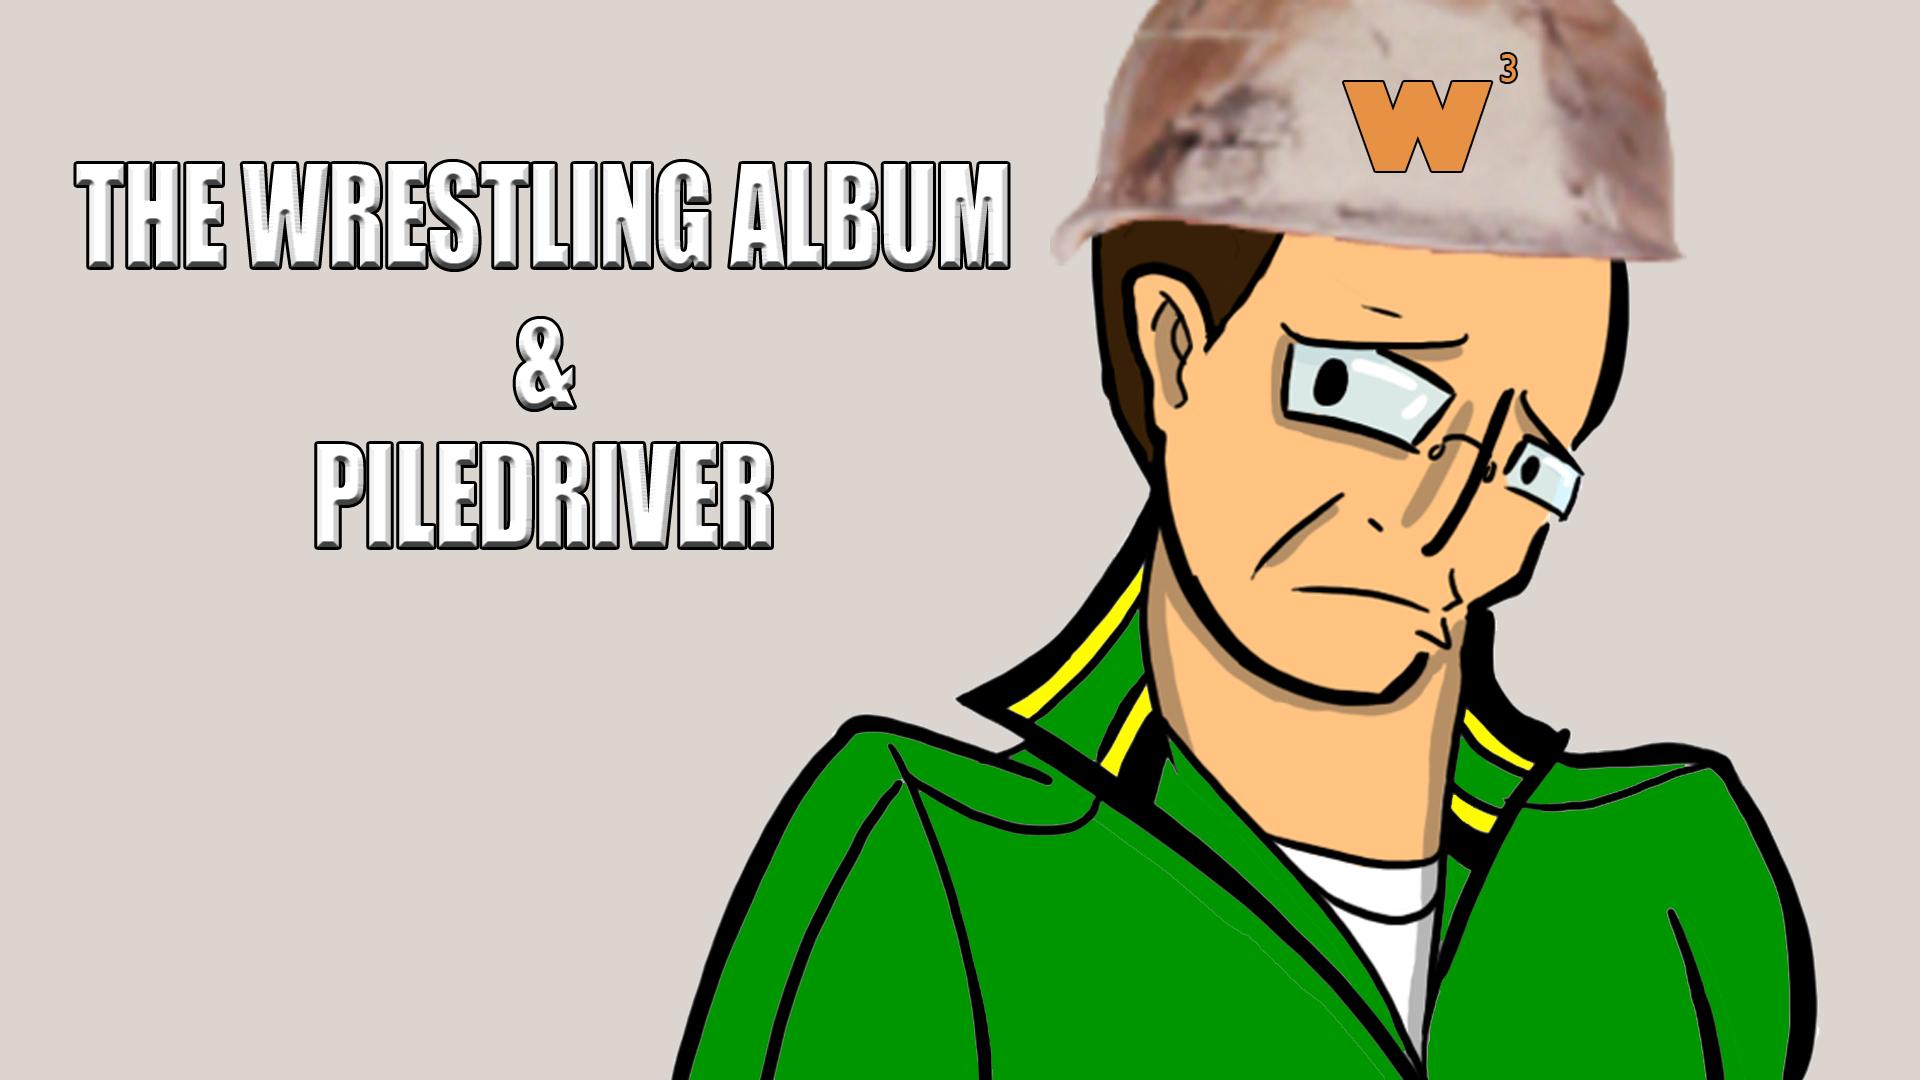 Piledriver thumbnail